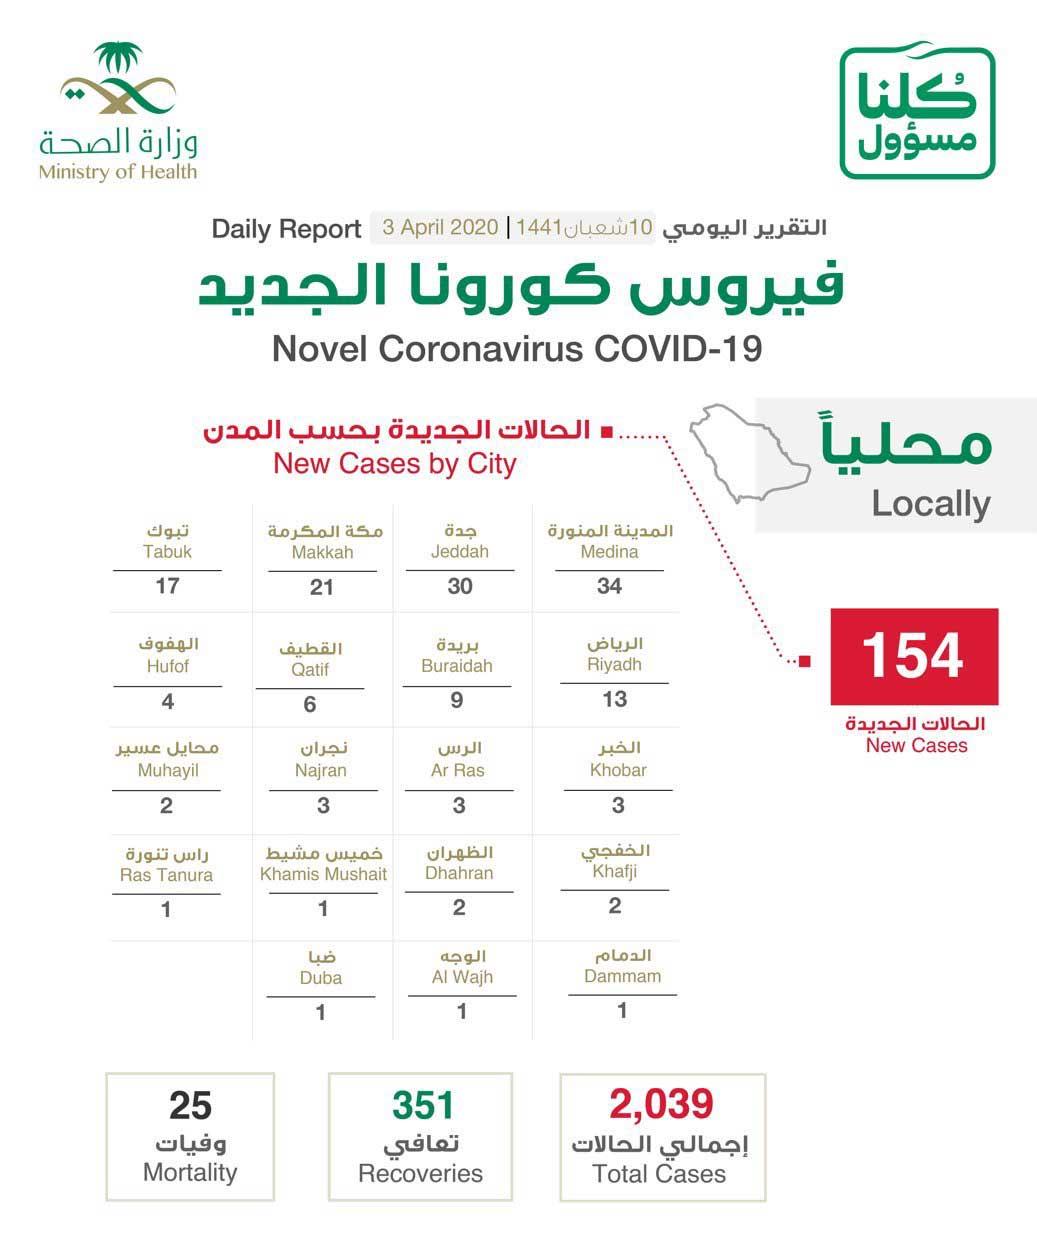 السعودية تسجل 154 إصابة جديدة بفيروس كورونا المستجد   أريبيان بزنس